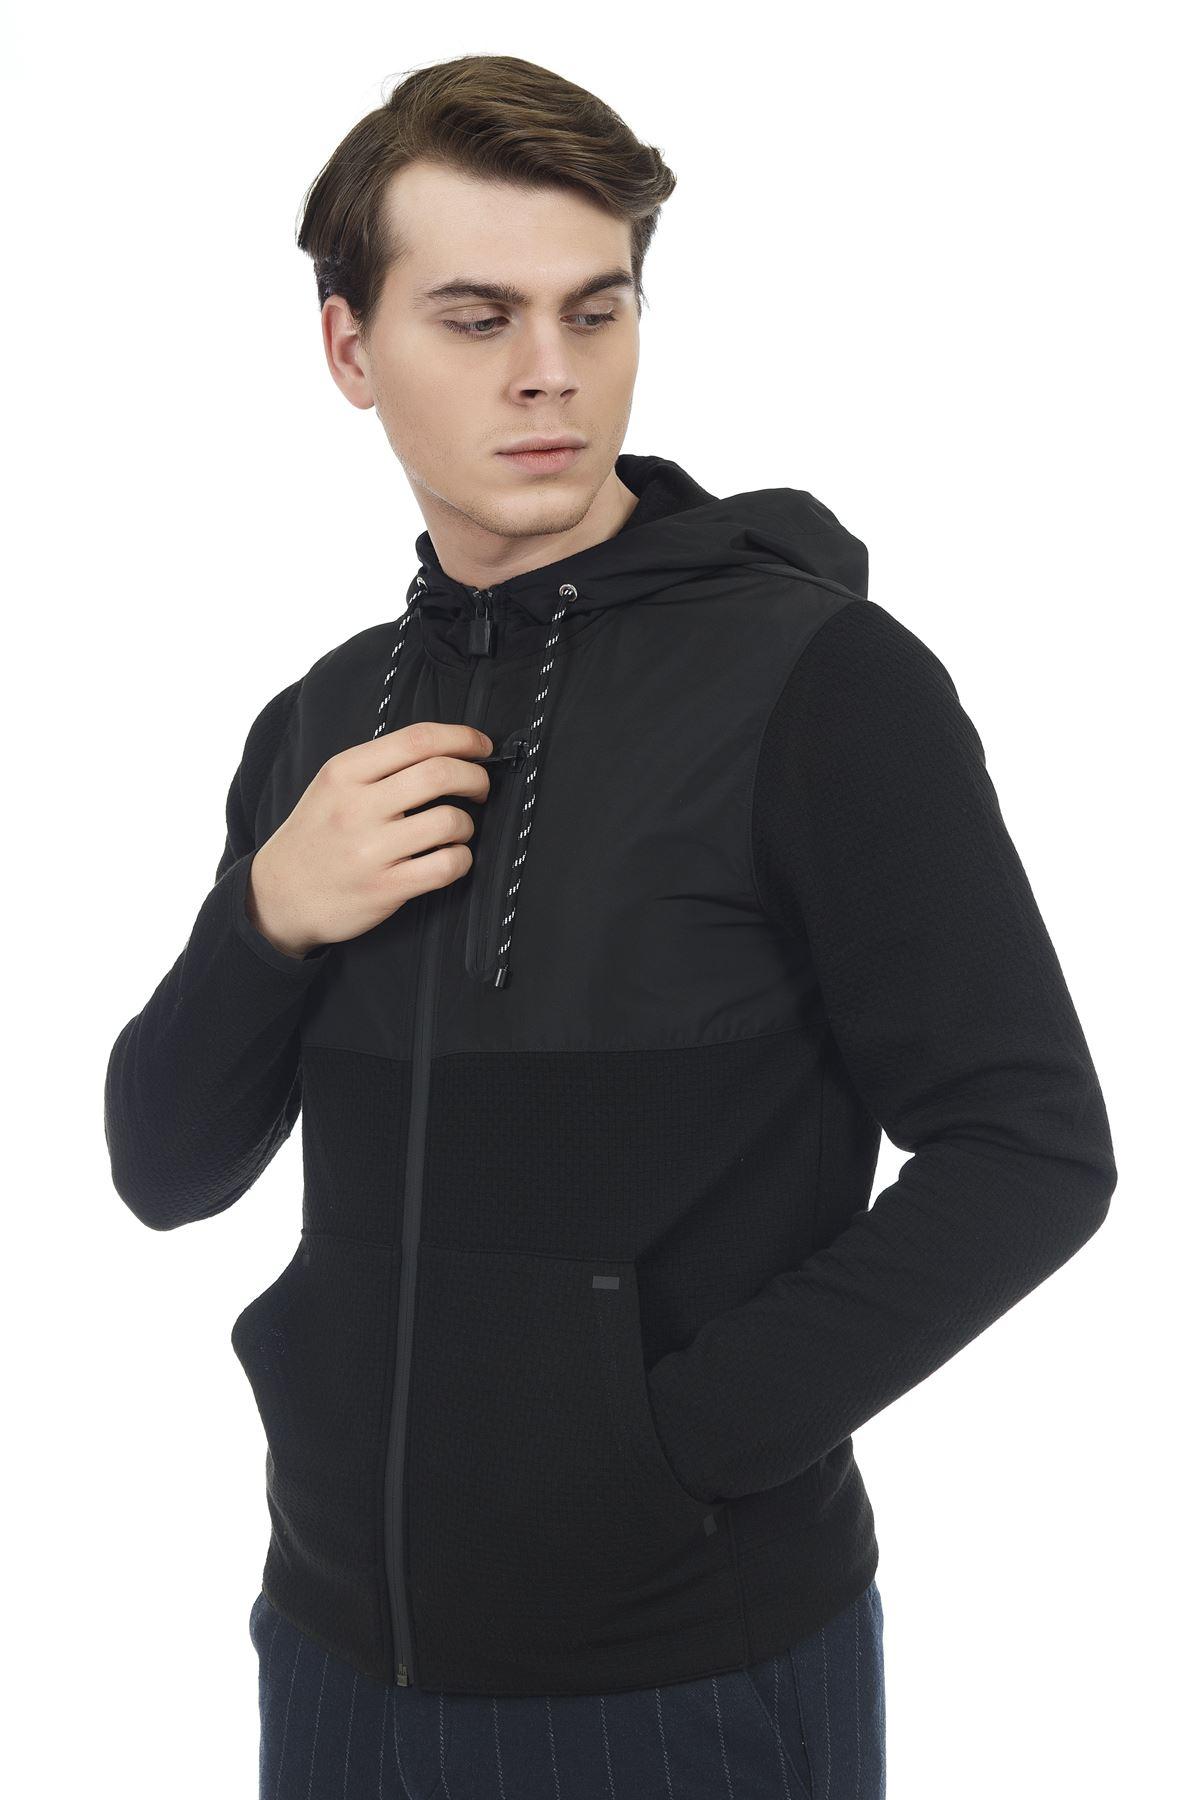 Siyah İpli Kapüşonlu Sweatshirt